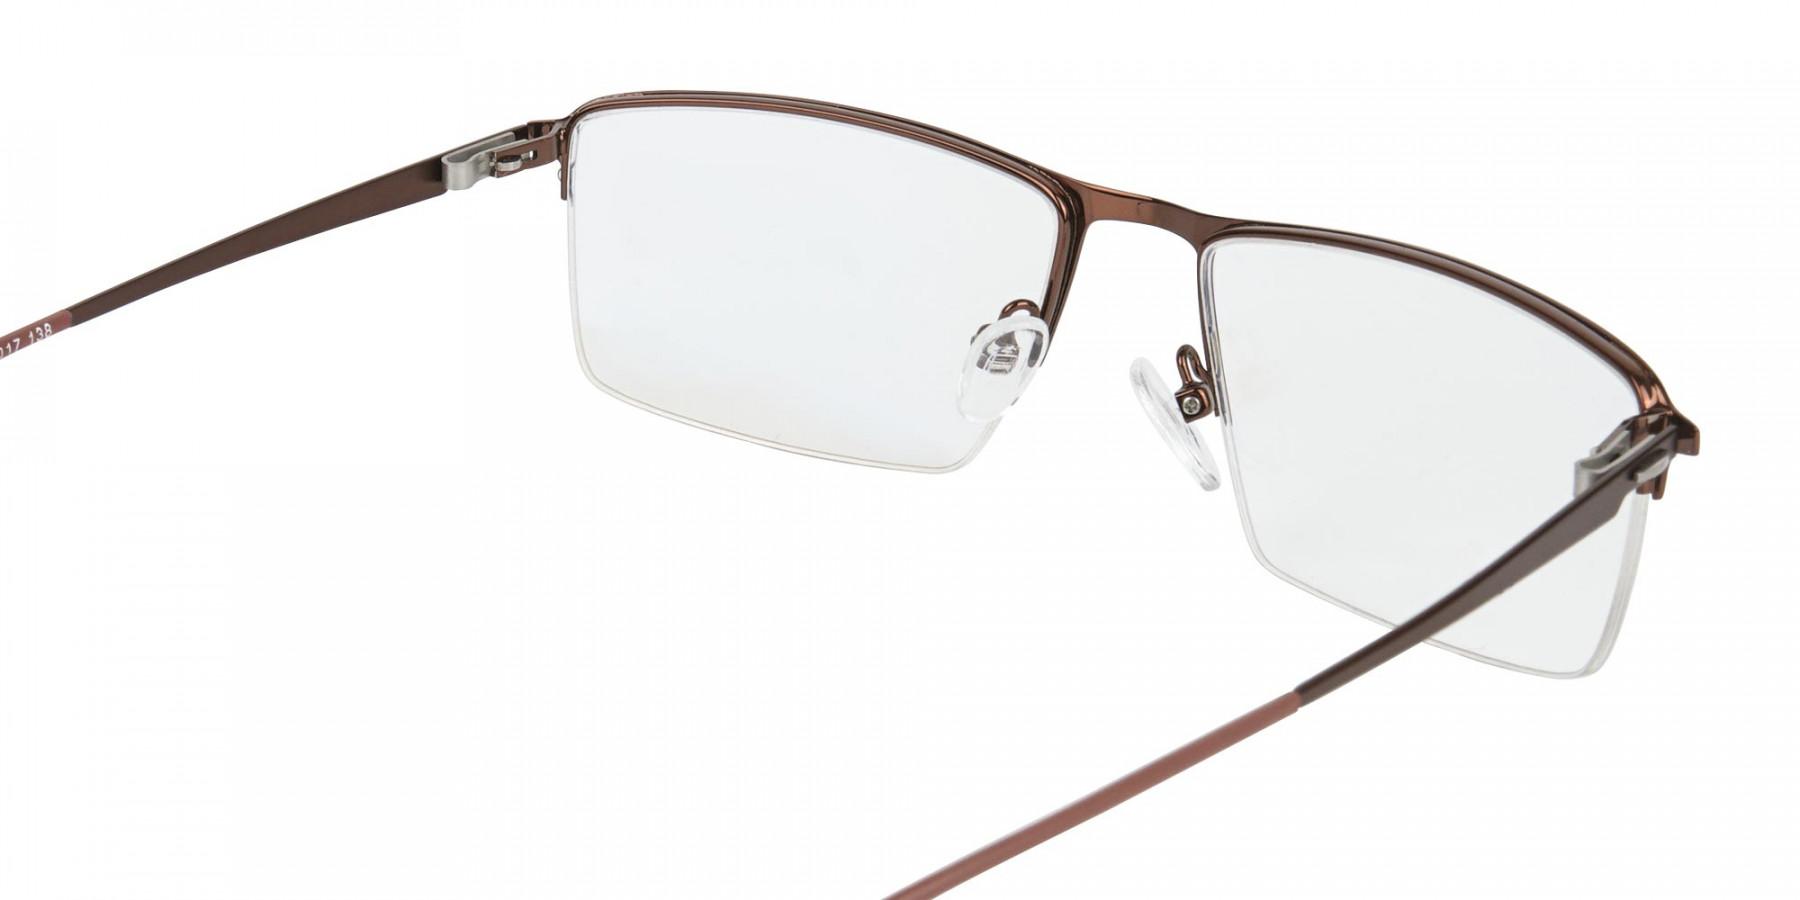 Brown Semi-Rim Glasses with Spring Hinges-1